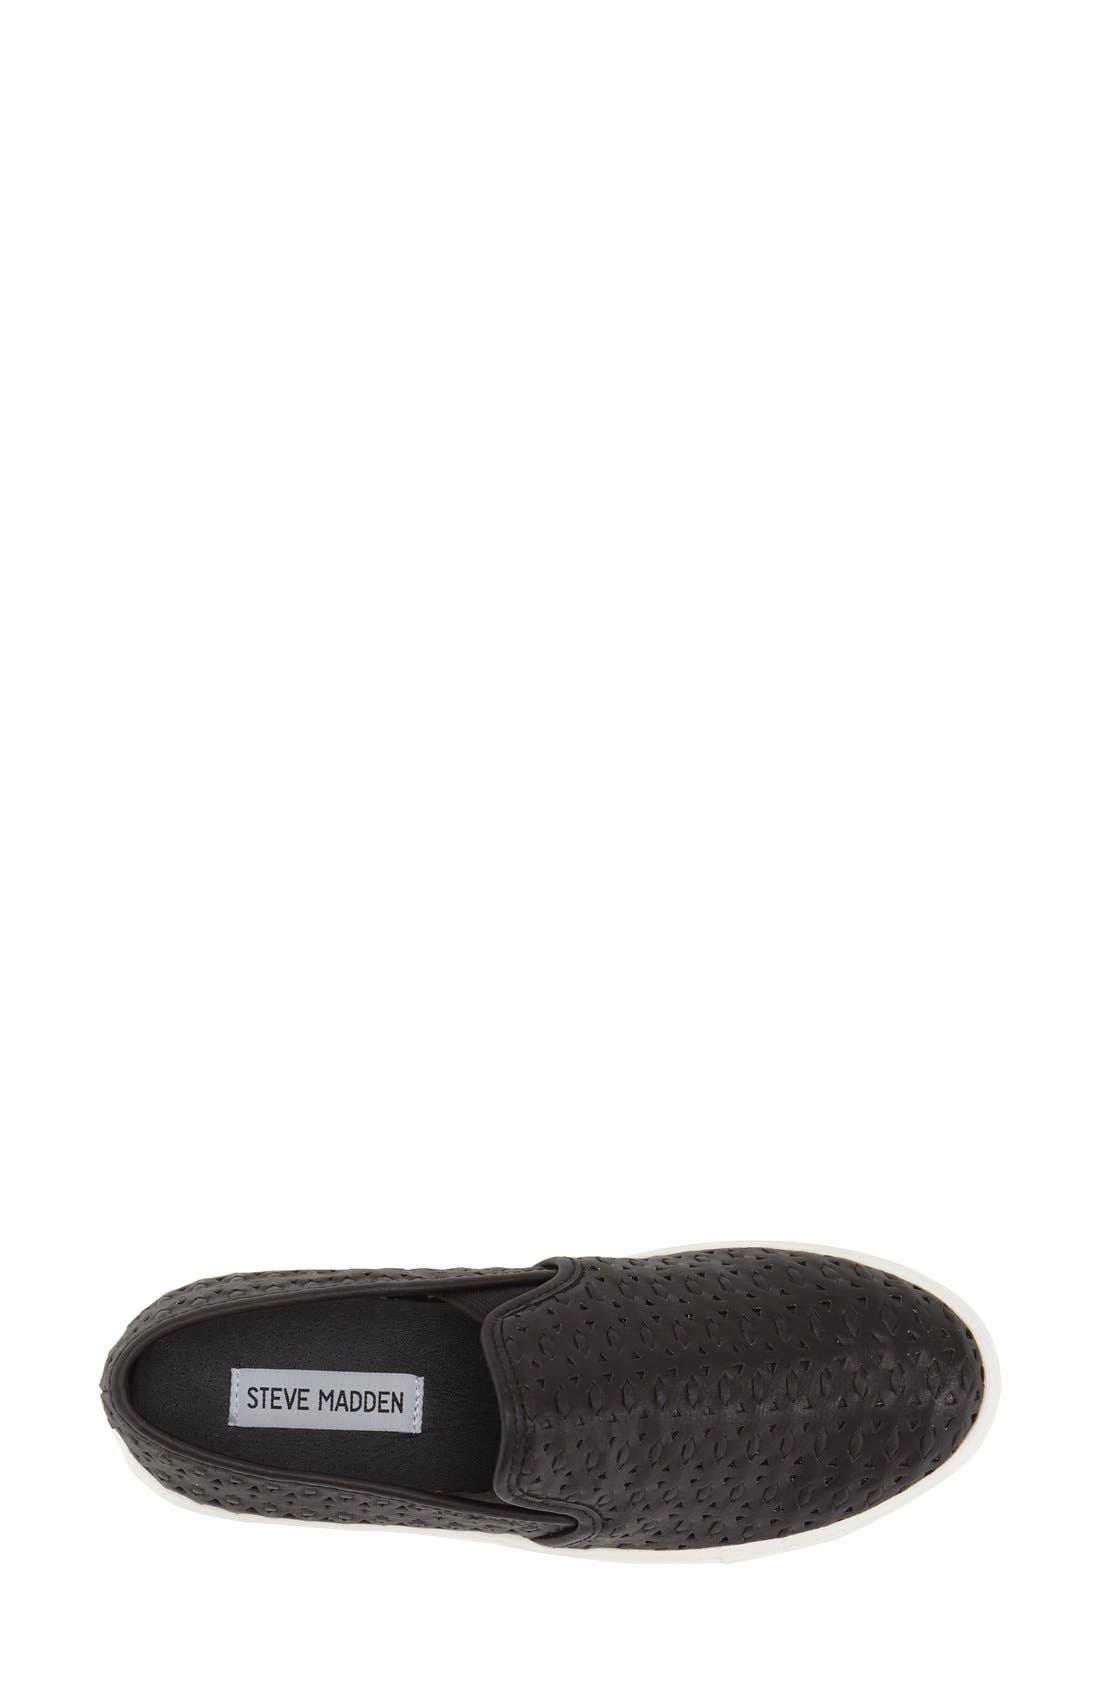 Alternate Image 3  - Steve Madden 'Excel' Slip-On Sneaker (Women)